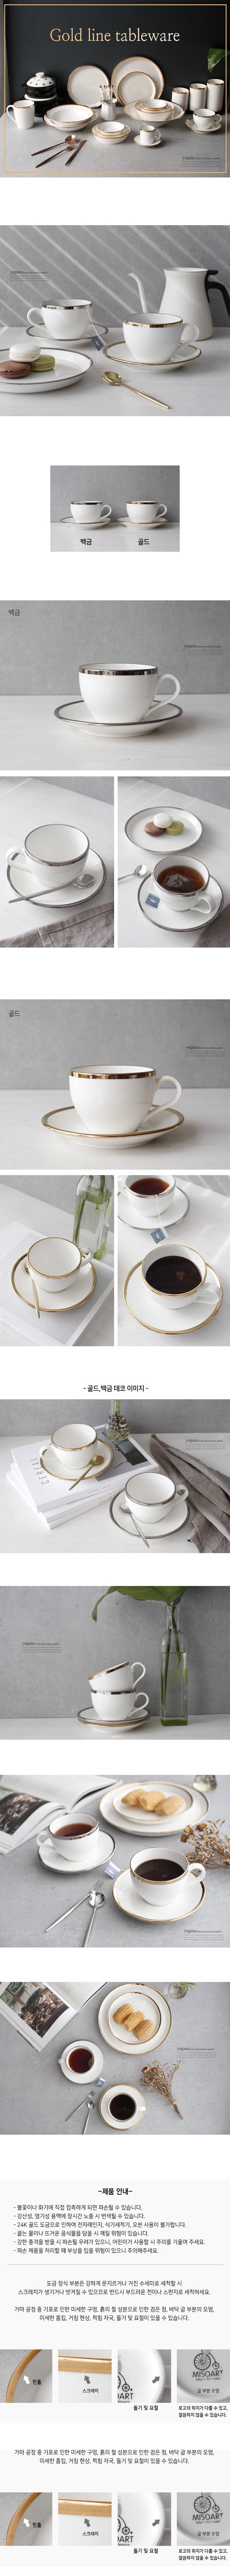 골드라인 커피잔세트(백금골드) lovesweety - 꾸미기 좋은날, 47,200원, 커피잔/찻잔, 커피잔/찻잔 세트